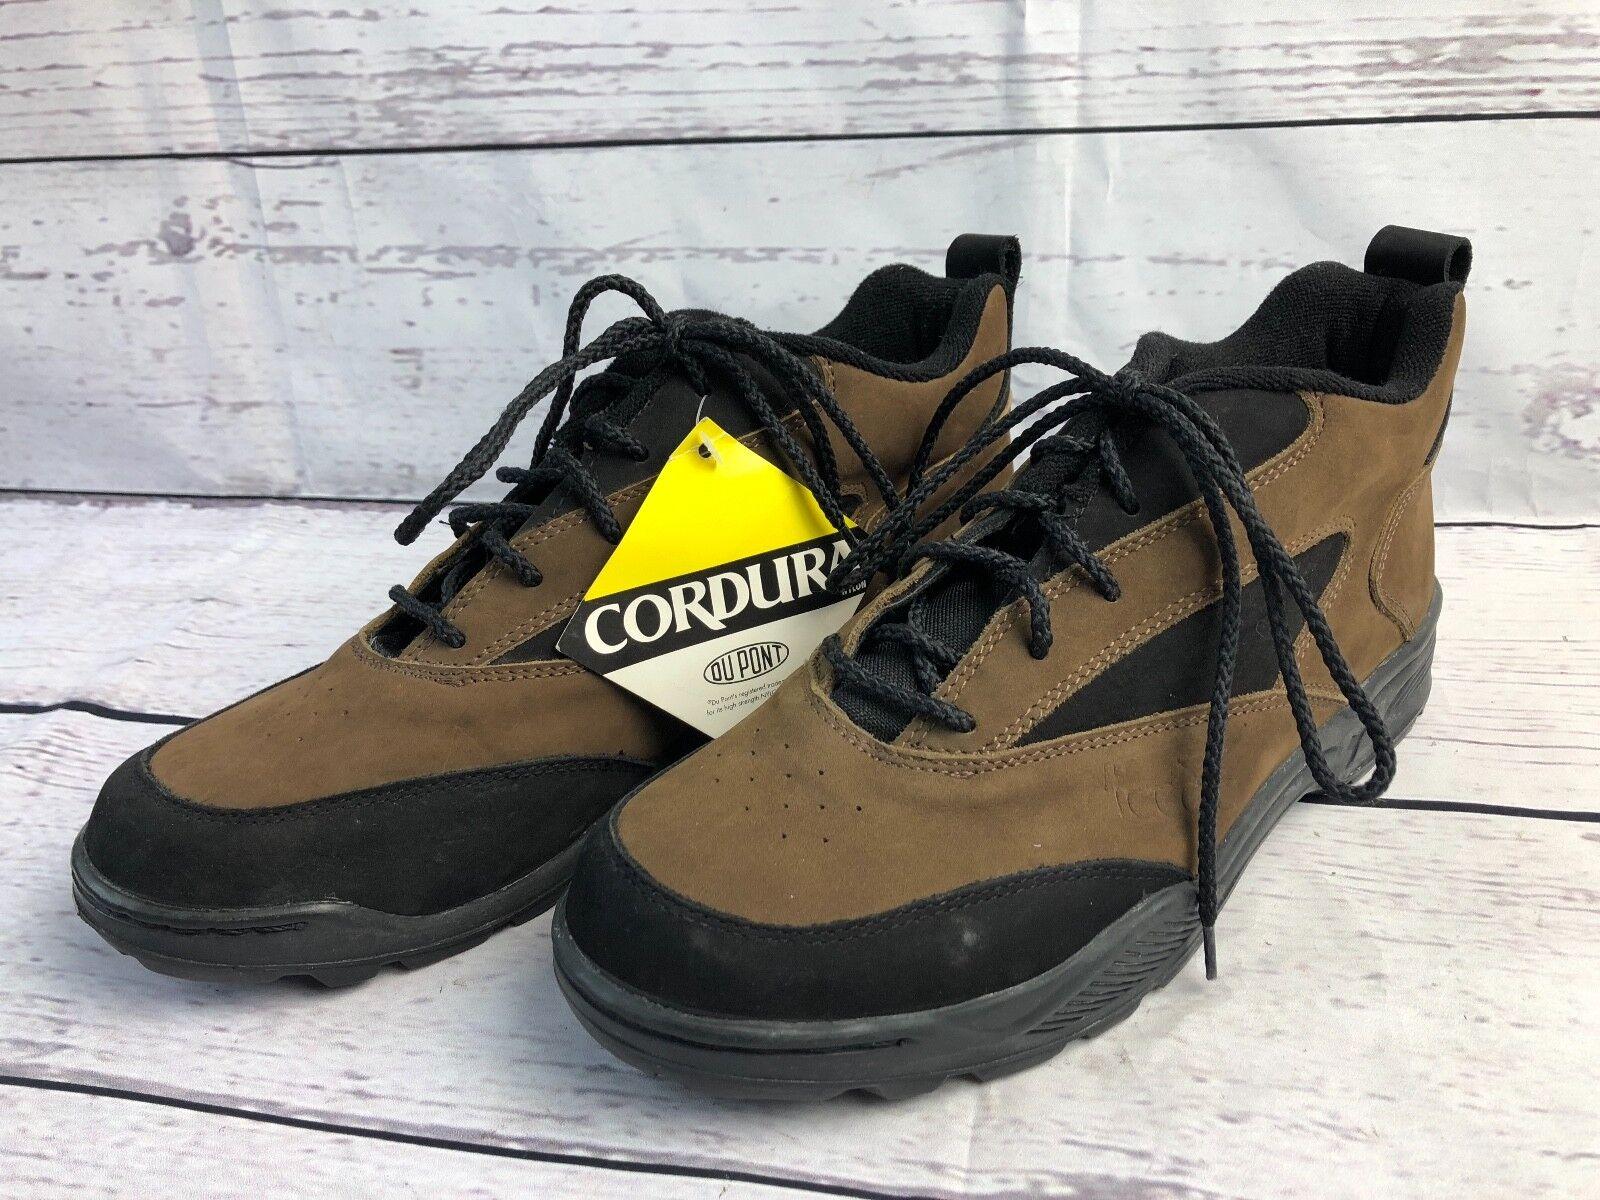 NEW Diadora Cruise Bike shoes Size 8.5, 42 NOS